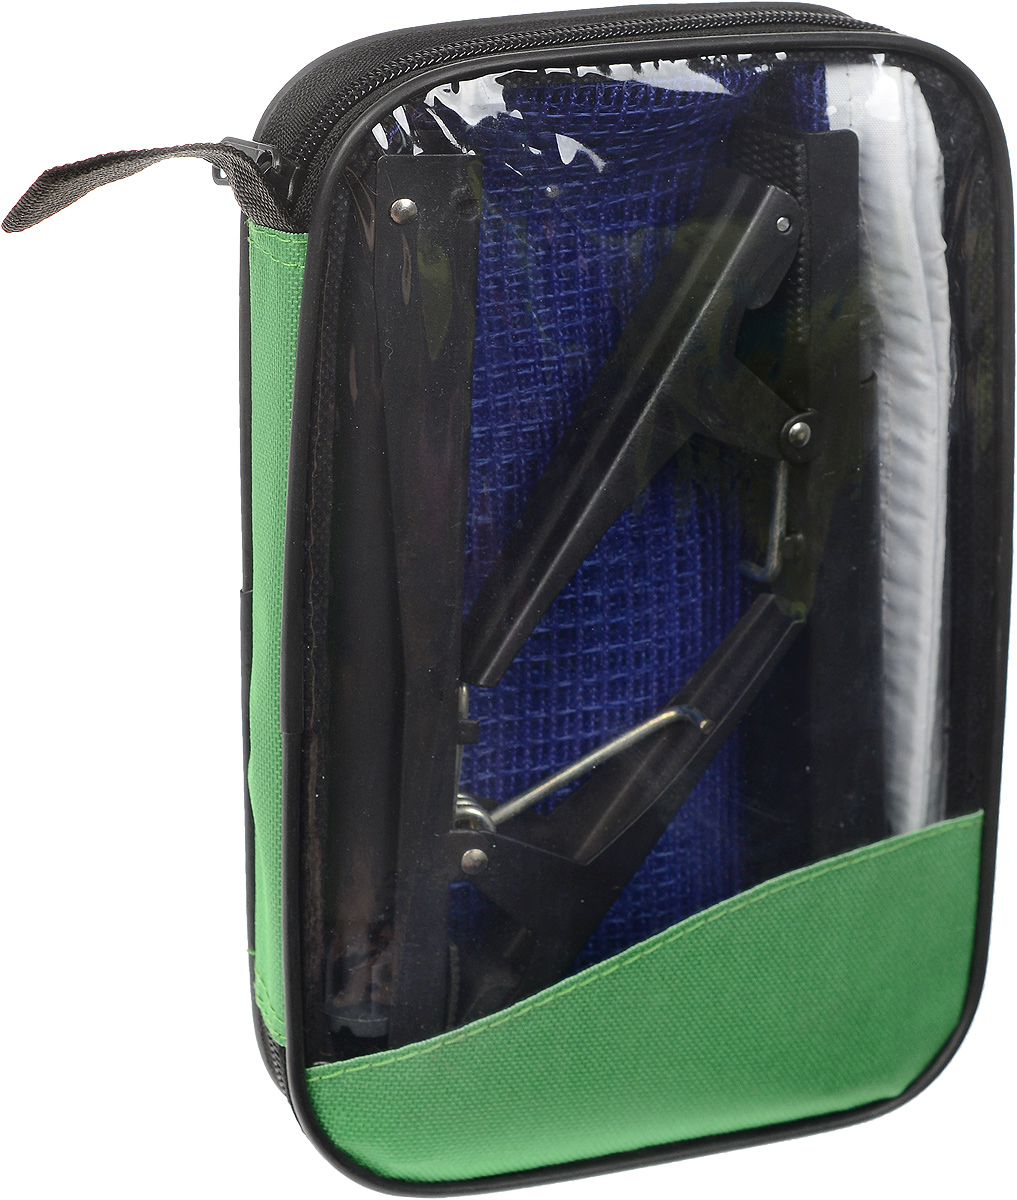 Сетка для настольного тенниса Start Up, с креплениями, цвет: синий, белый, черный, длина 185 смAIRWHEEL M3-162.8Сетка для настольного тенниса Start Up выполнена из прочного нейлона. В комплекте два металлических крепления. Натяжение сетки можно регулировать. Ширина сетки: 14 см.